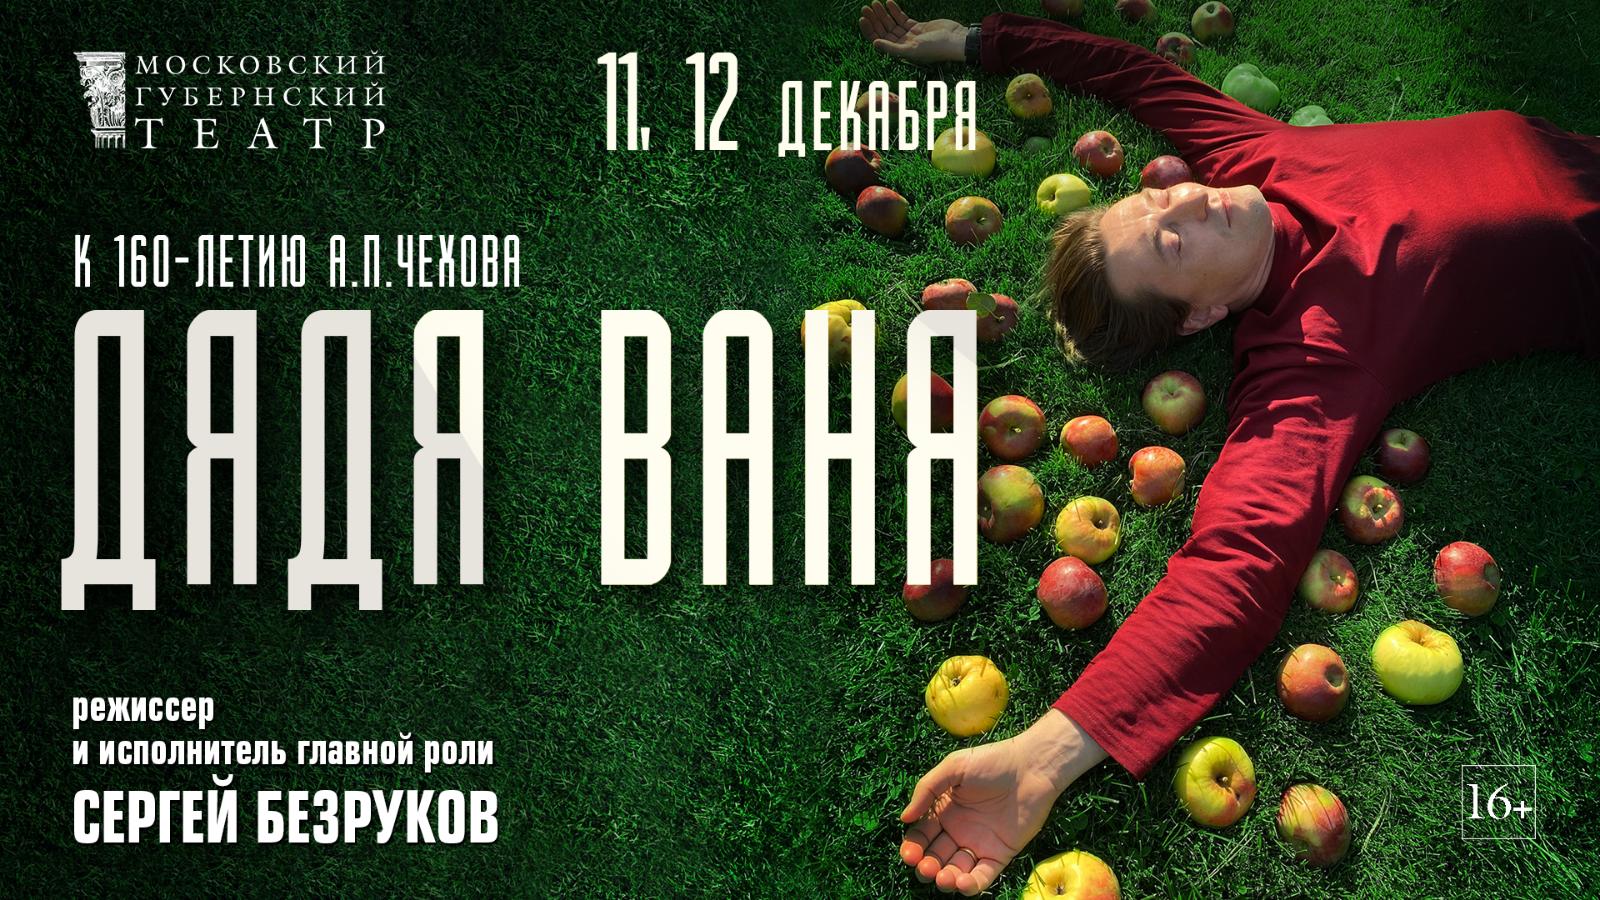 Афиша Подмосковья на декабрь: онлайн-премьера «Дяди Вани» и старт зимнего сезона в парках